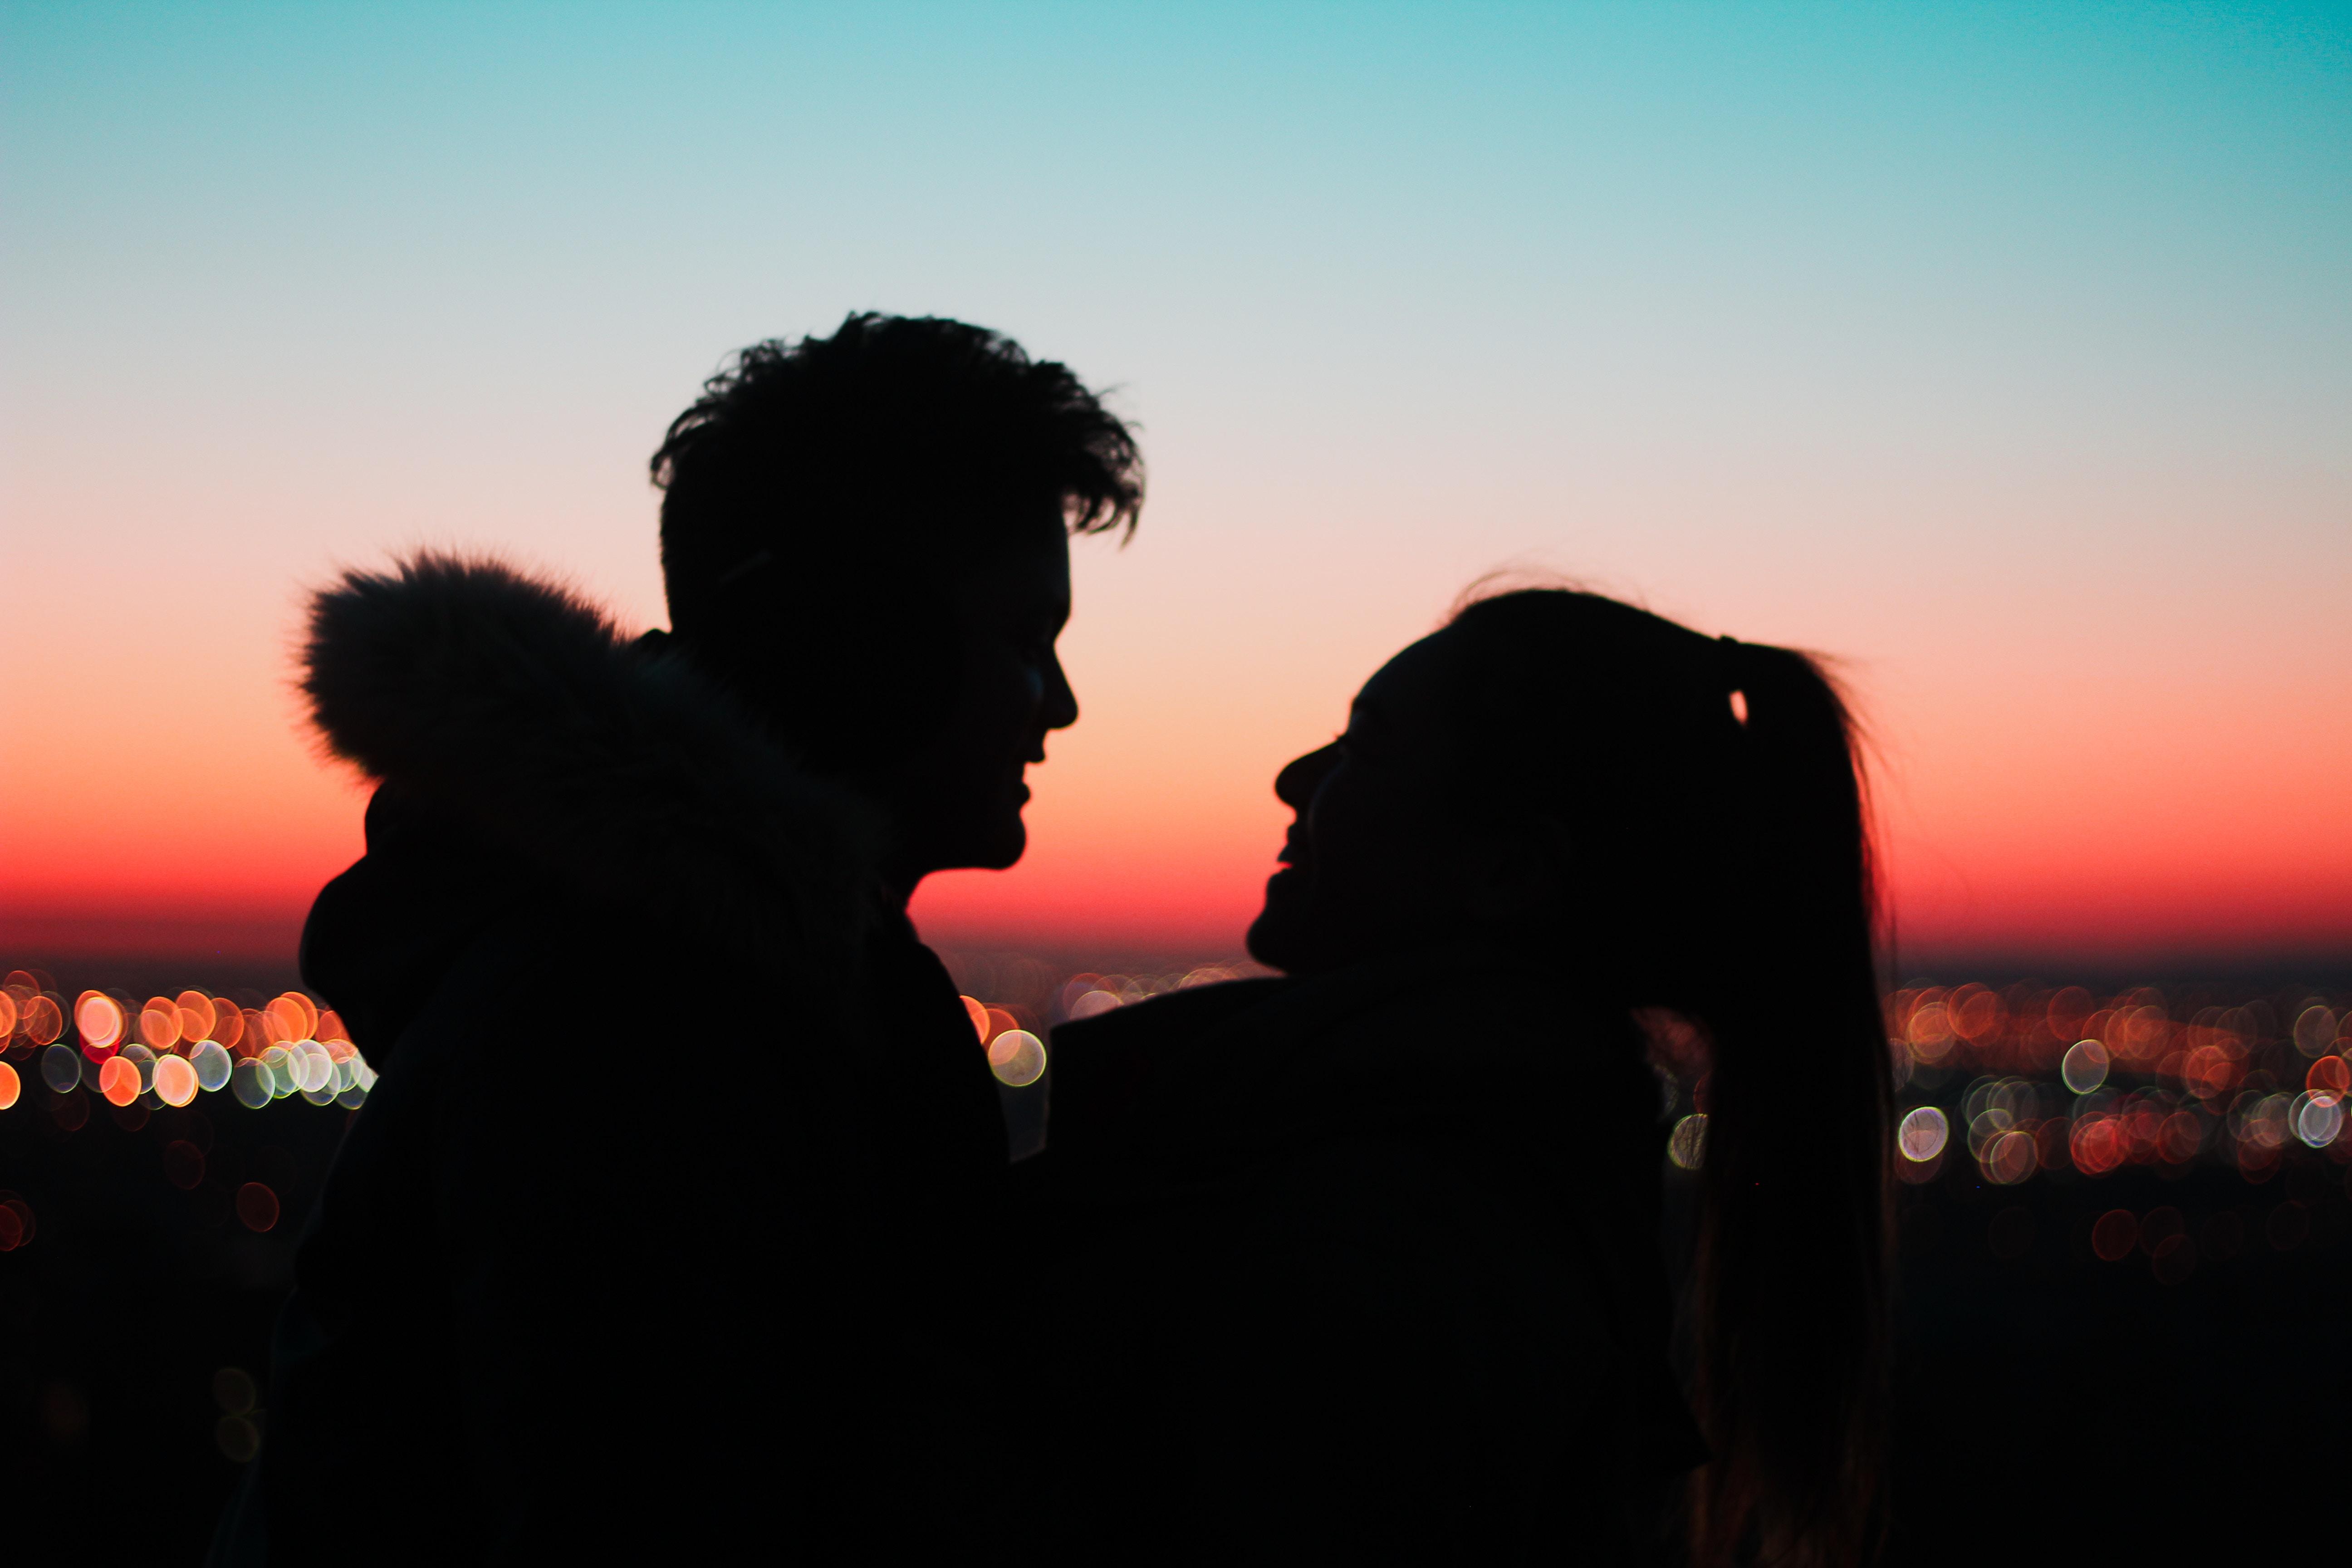 Randění s chlapem, který se nedávno rozvedl